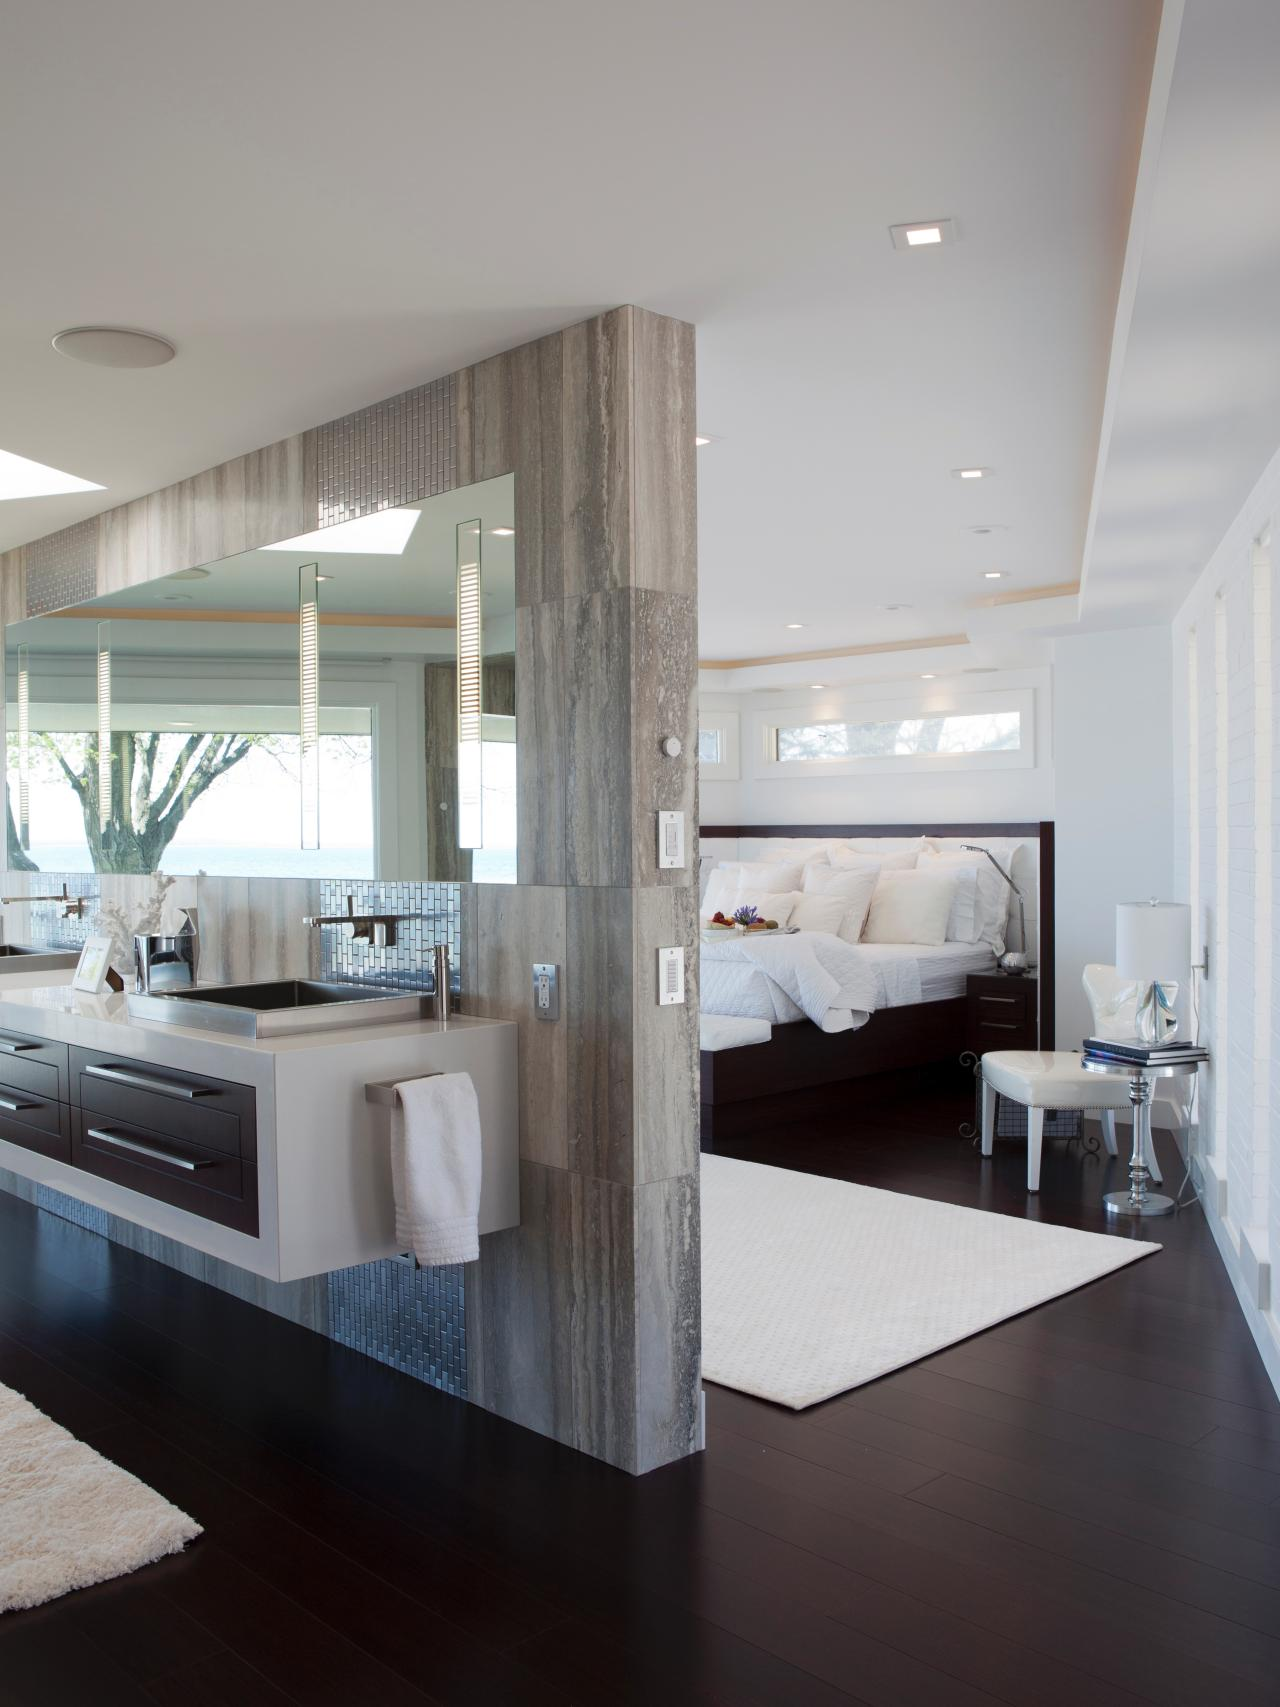 6 Tips To Create A Unified Master Bedroom Design Platform Beds Online Blog